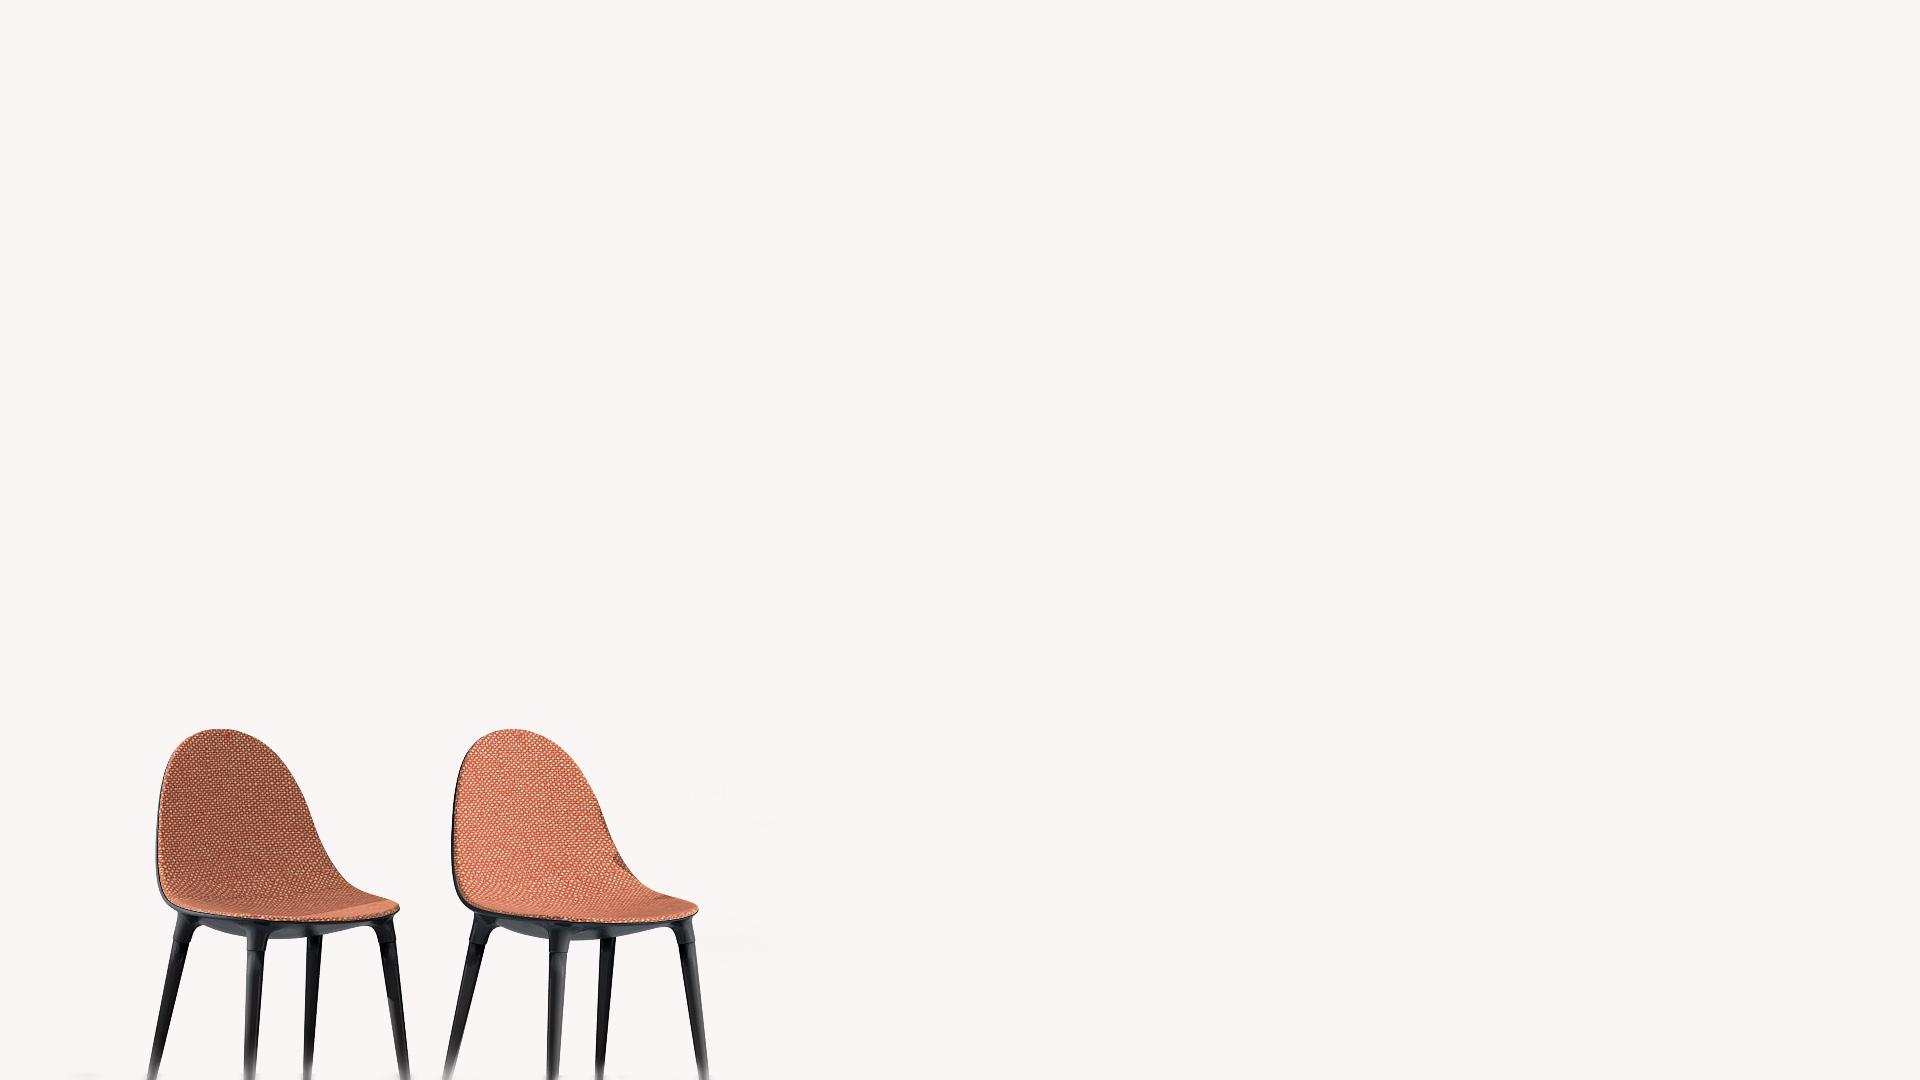 2つのオレンジの椅子